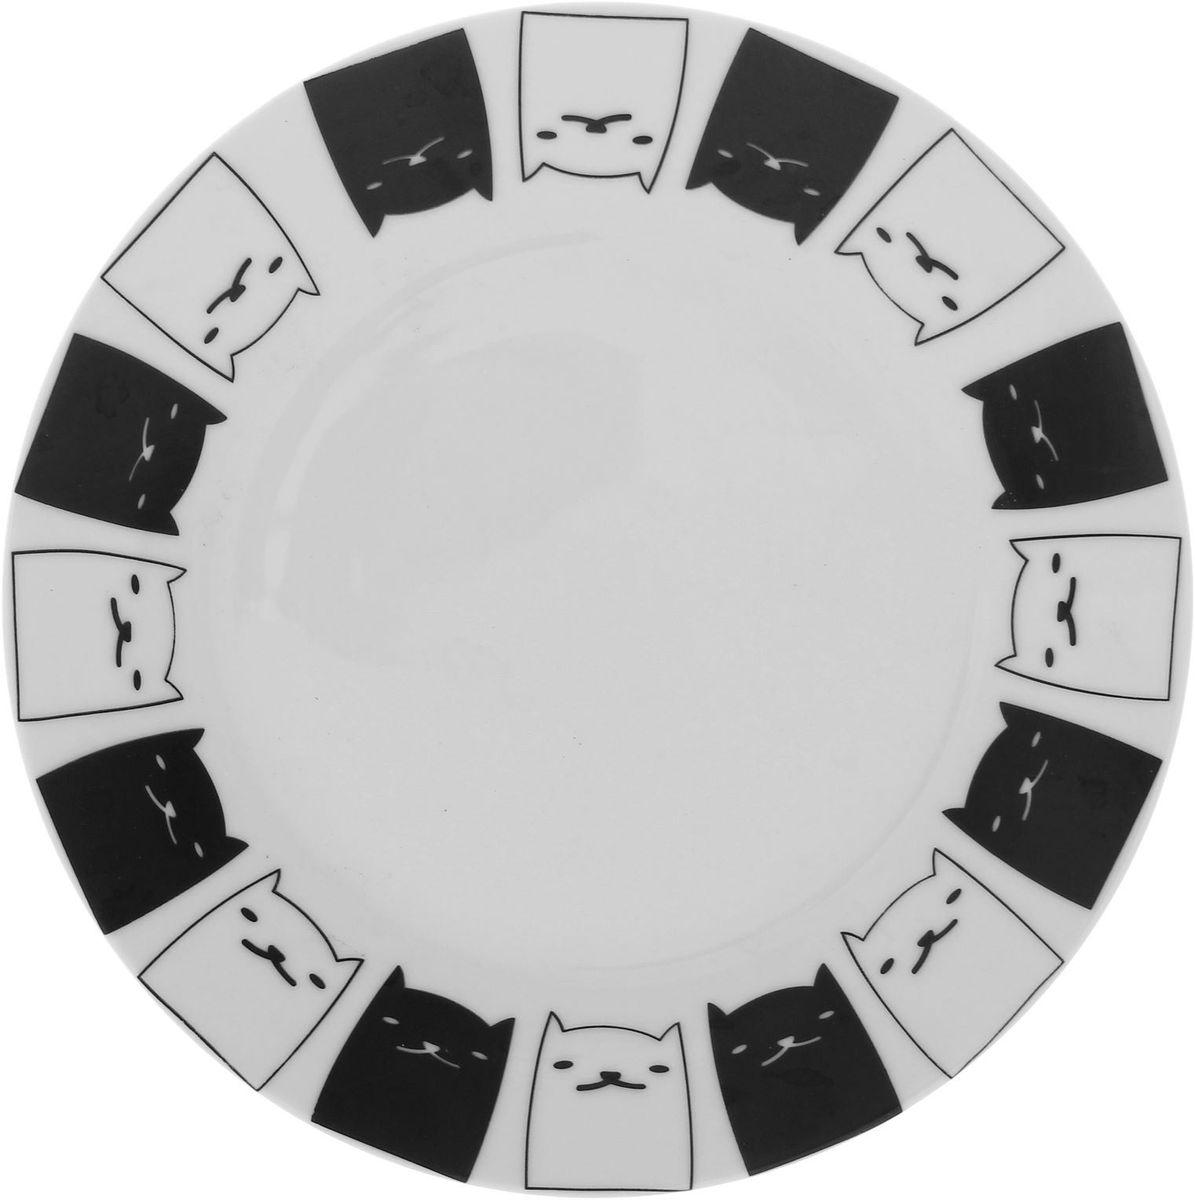 Тарелка мелкая Сотвори чудо Котята, диаметр 20 см1563645Хотите обновить интерьер кухни или гостиной? Устраиваете необычную фотосессию или тематический праздник? А может, просто ищете подарок для близкого человека? Посуда « Сотвори Чудо» — правильный выбор в любой ситуации. Её достоинства: изящный фаянс нежного сливочного цвета; стойкость краски; пригодность для посудомоечных машин.